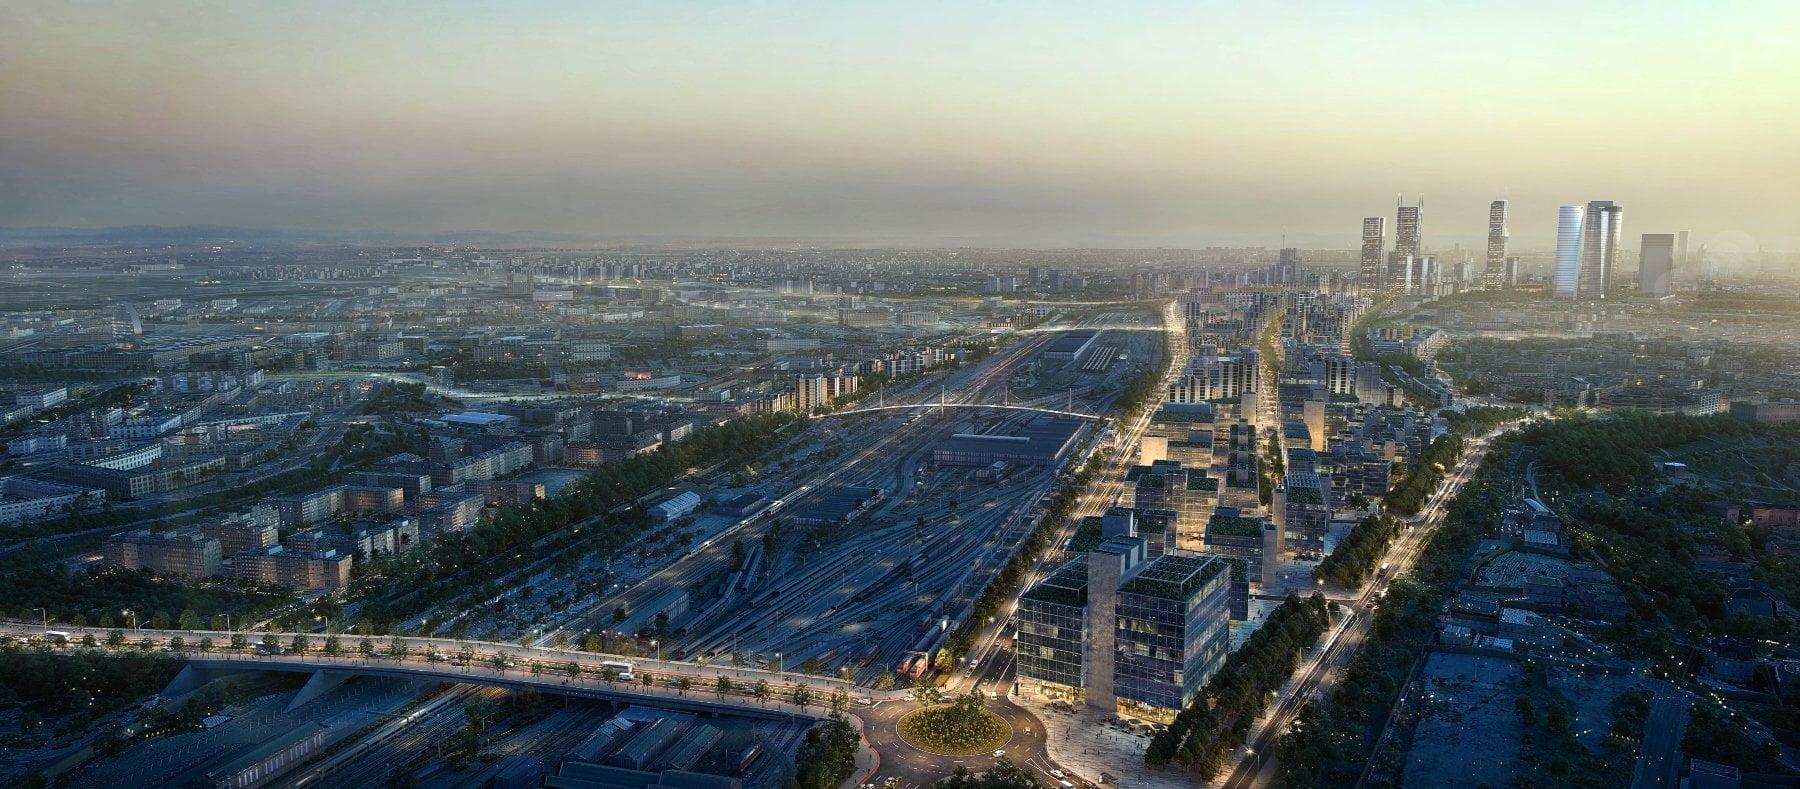 Madrid Nuevo Norte, la nueva arteria del transporte en Madrid 1